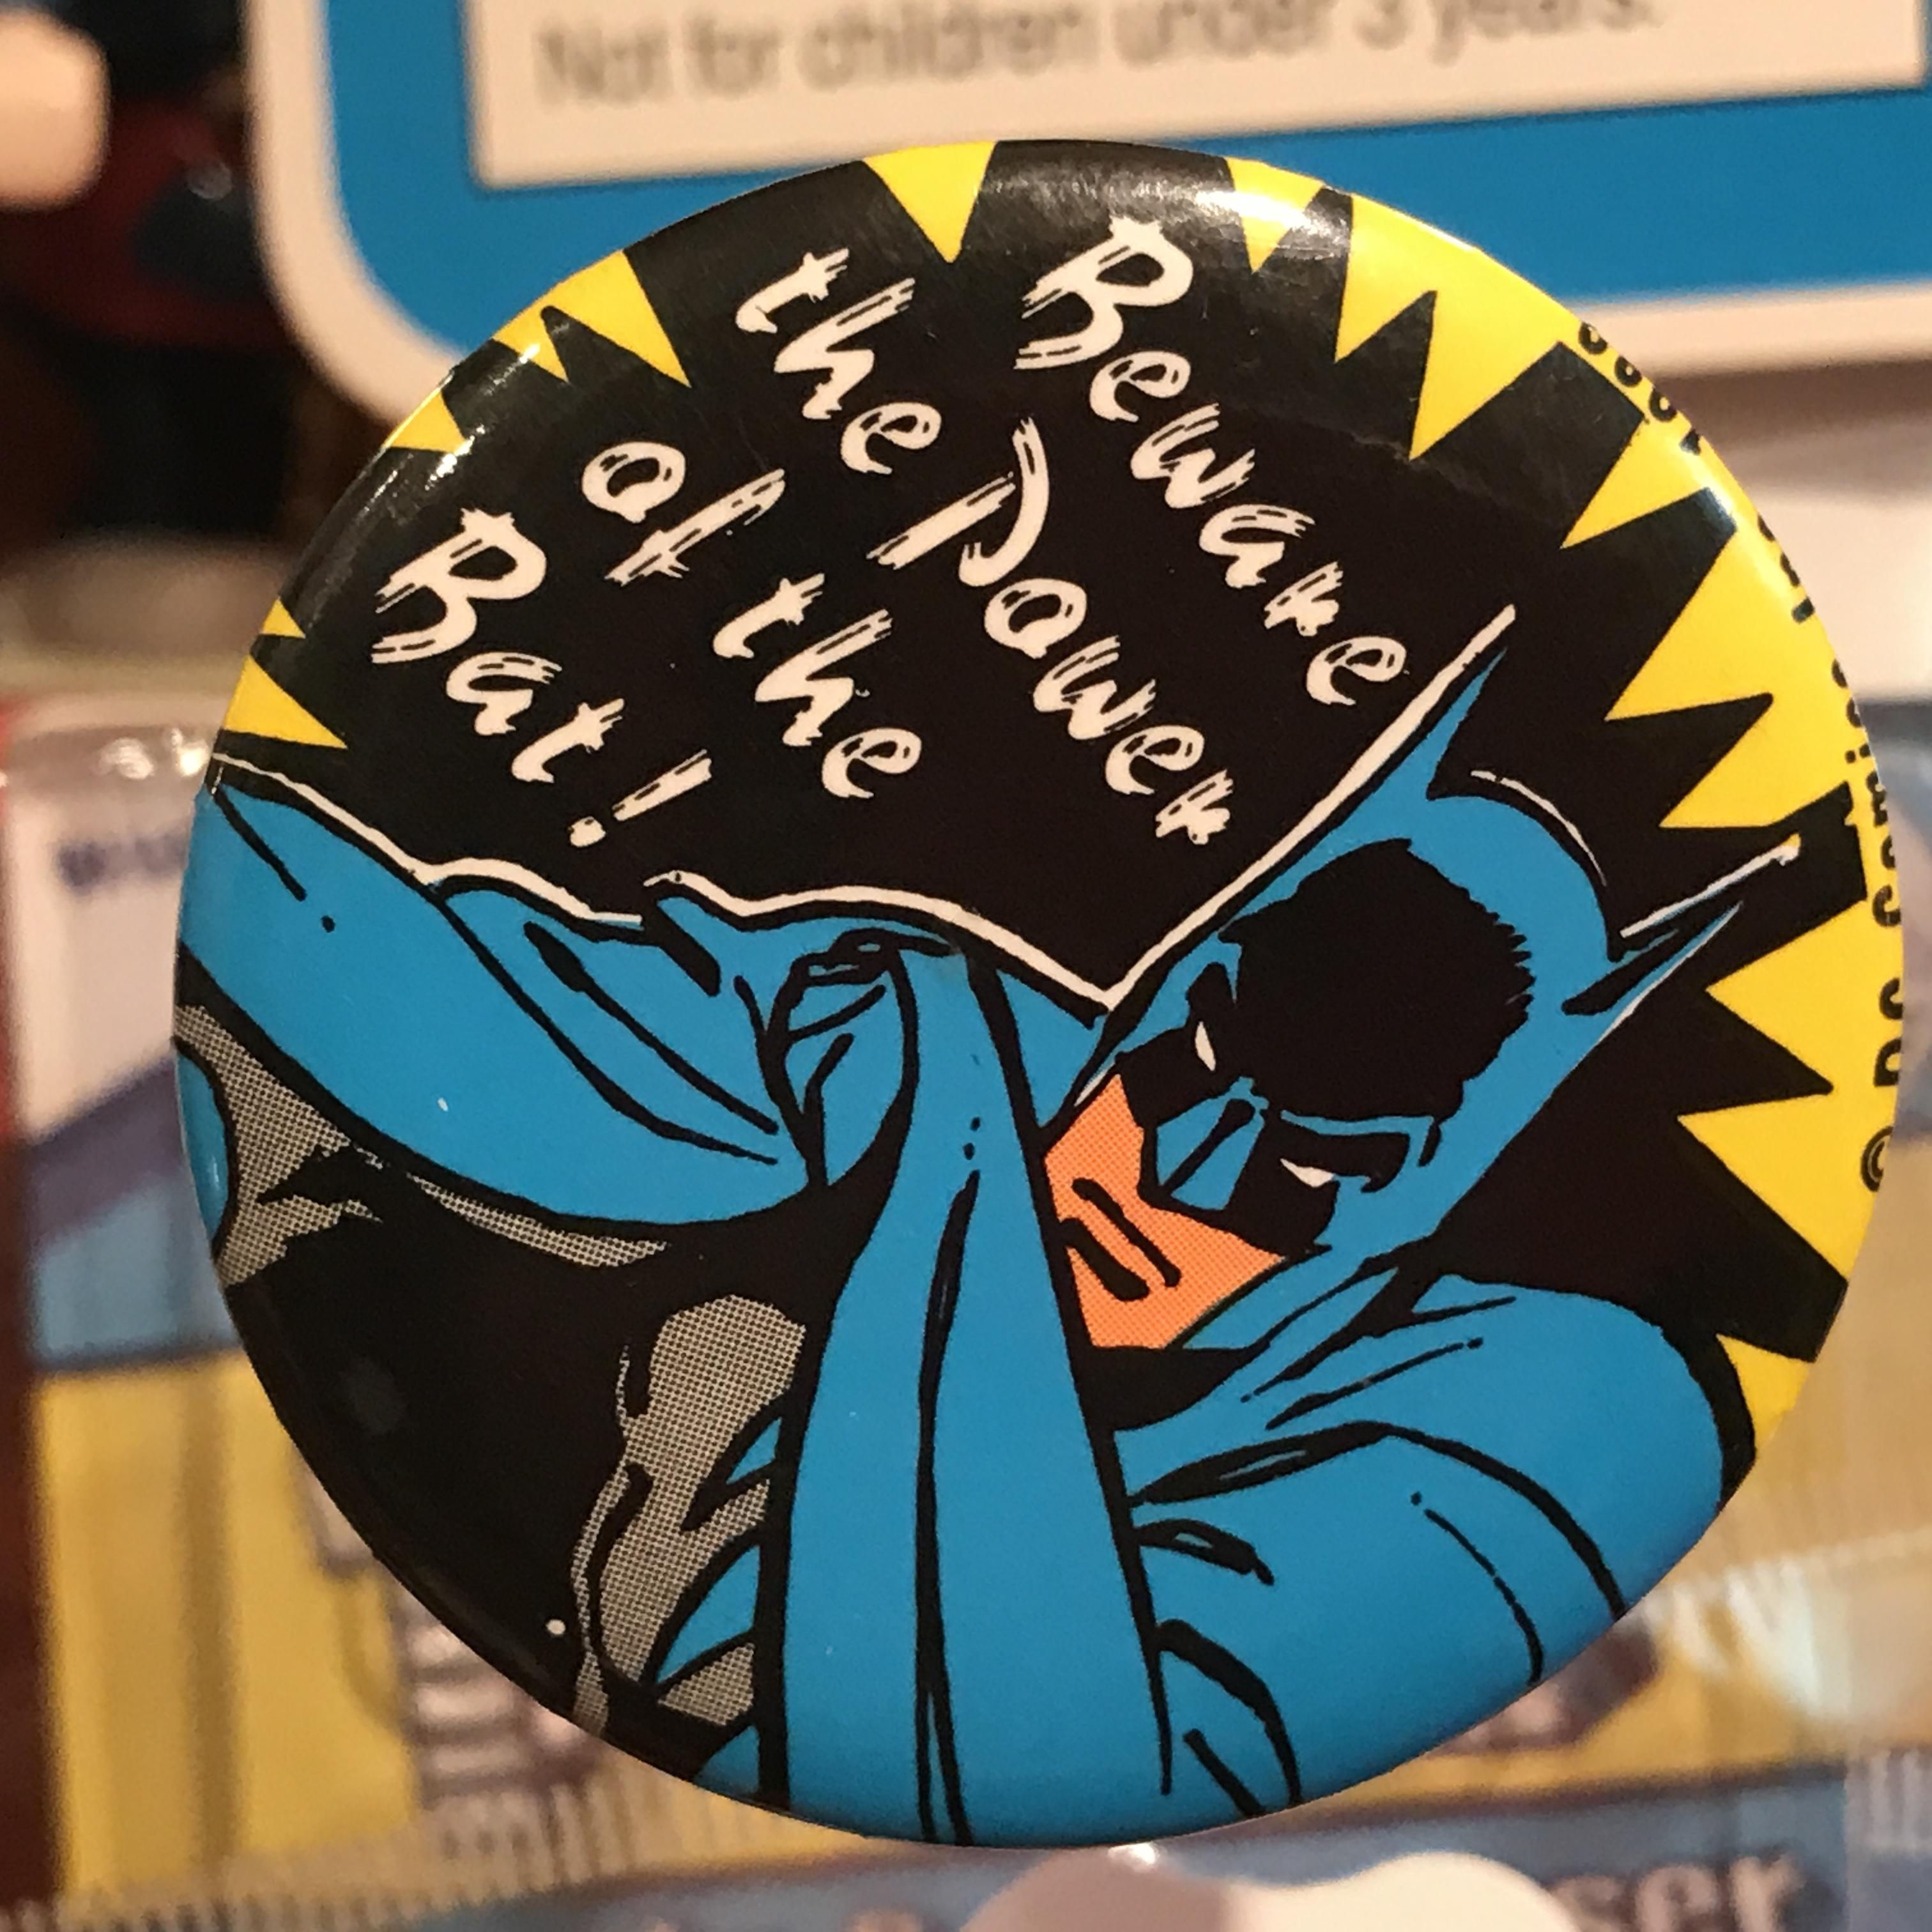 バットマン オールド 缶バッジ 「the power of the bat」ver.